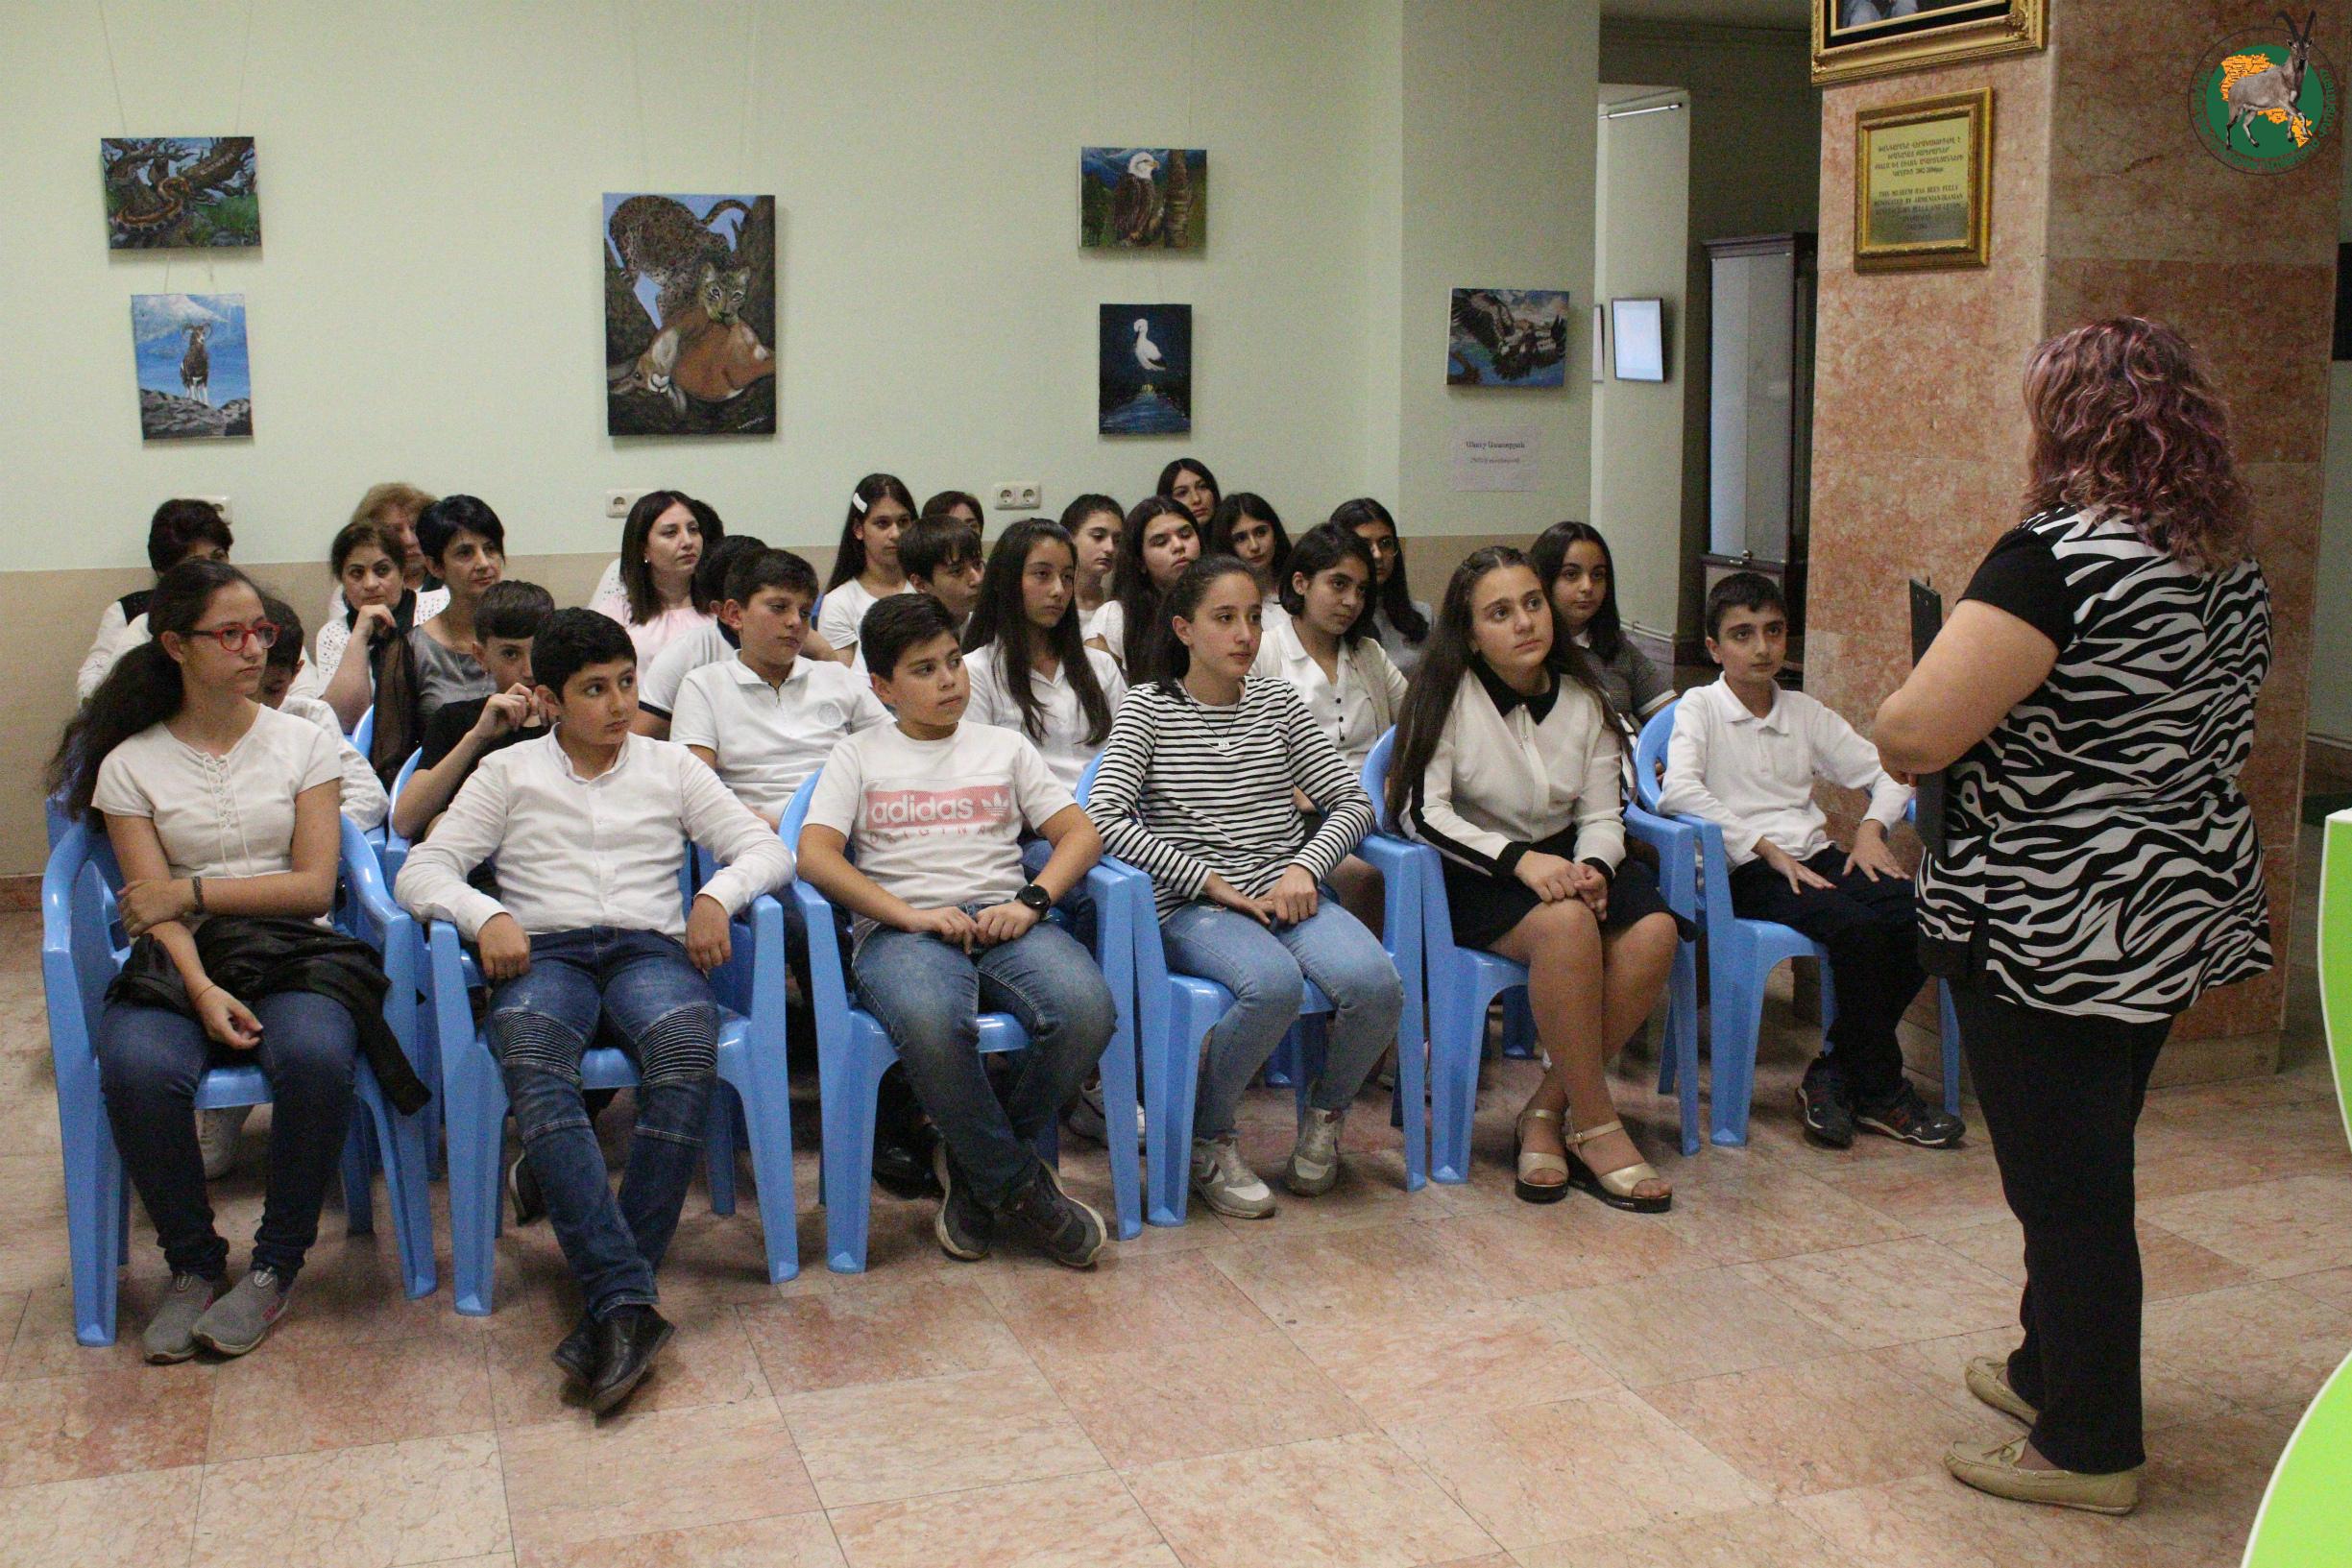 Հայաստանի բնության պետական թանգարանը կազմակերպեց կինոդիտում բնապահպանական թեմայով